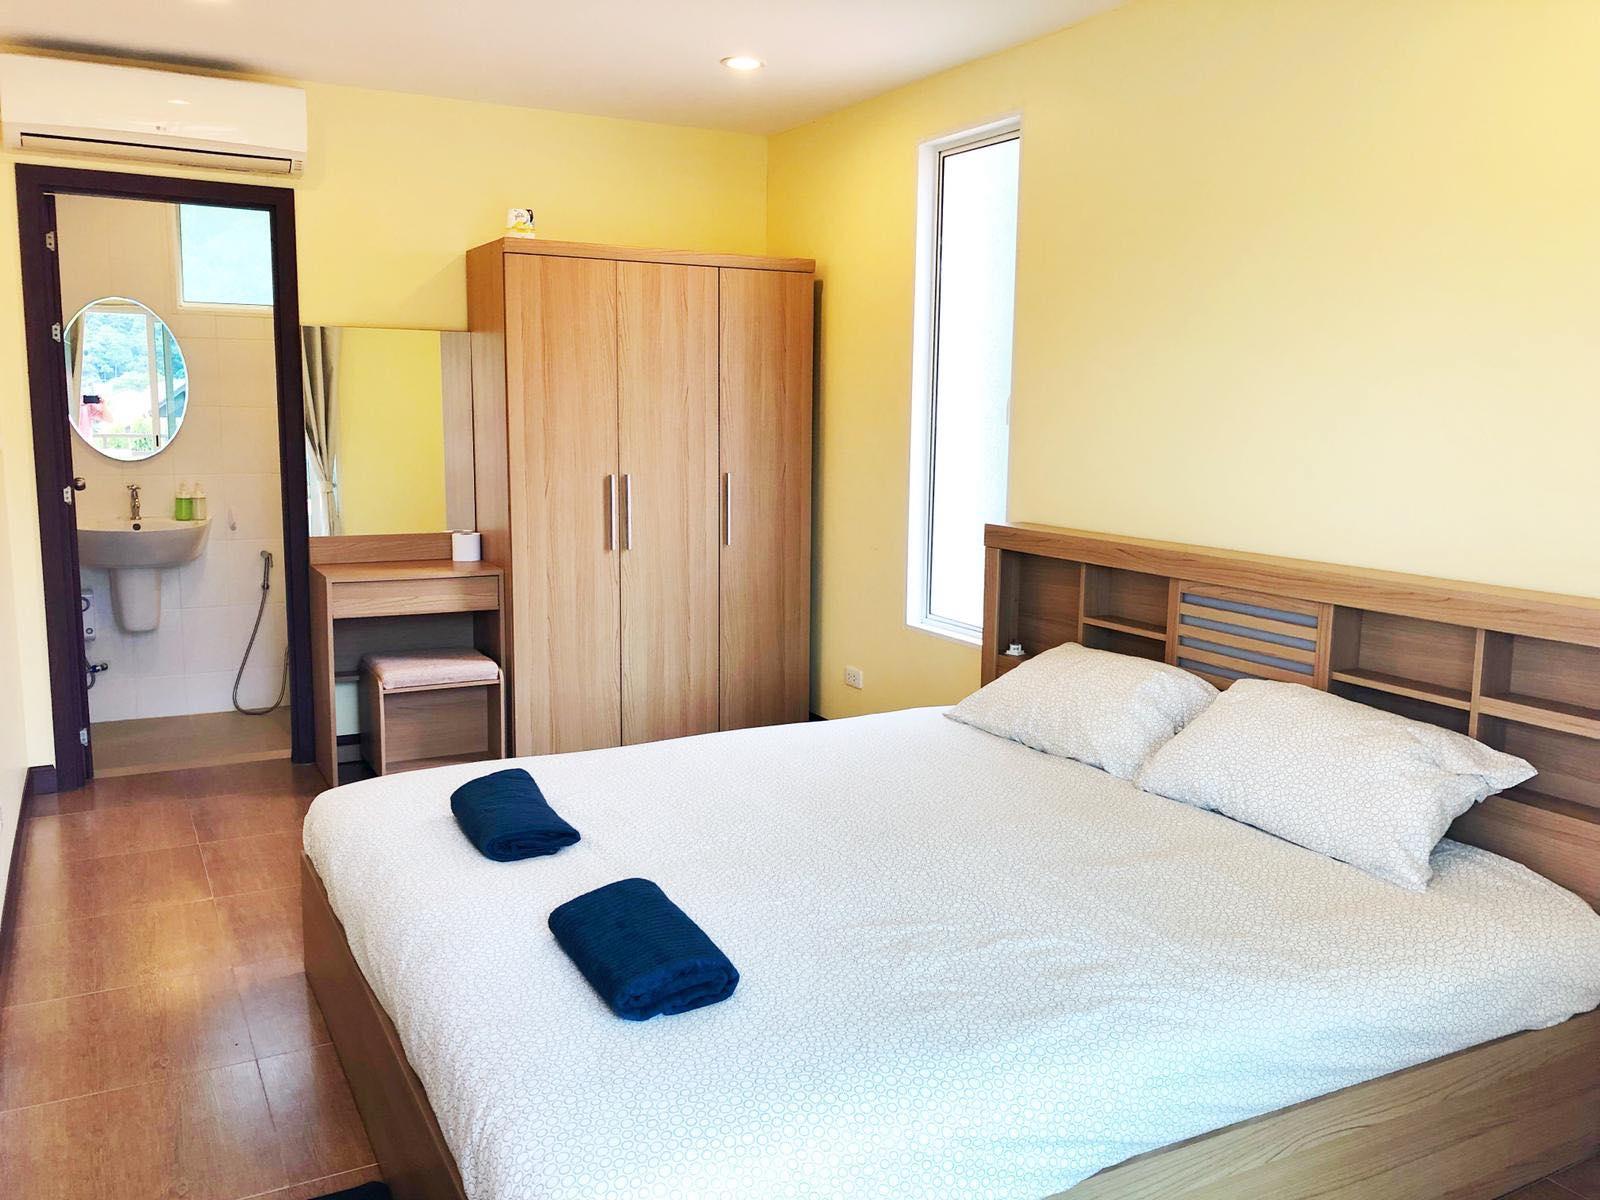 ให้เช่า ทาวน์เฮ้าส์ 3 ห้องนอน ย่าน Kammala